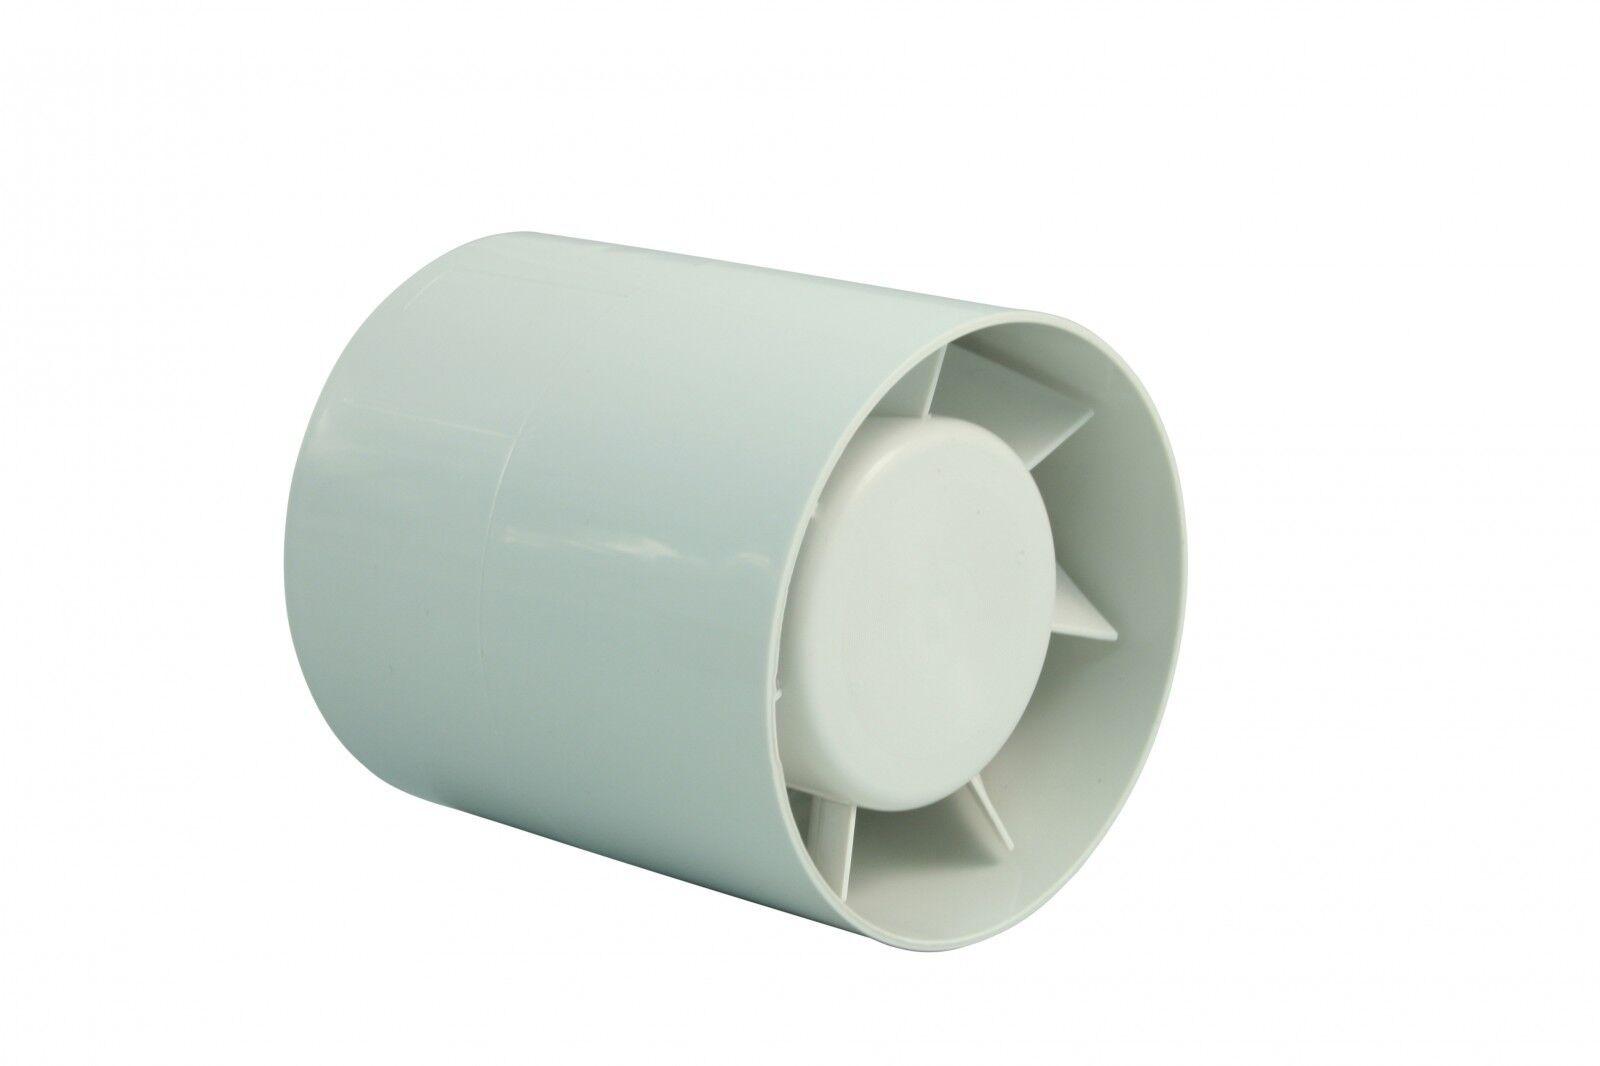 Marley Insertion Tube Fan Small Room Fan Bathroom Fan C10 C20 C30 IPX4